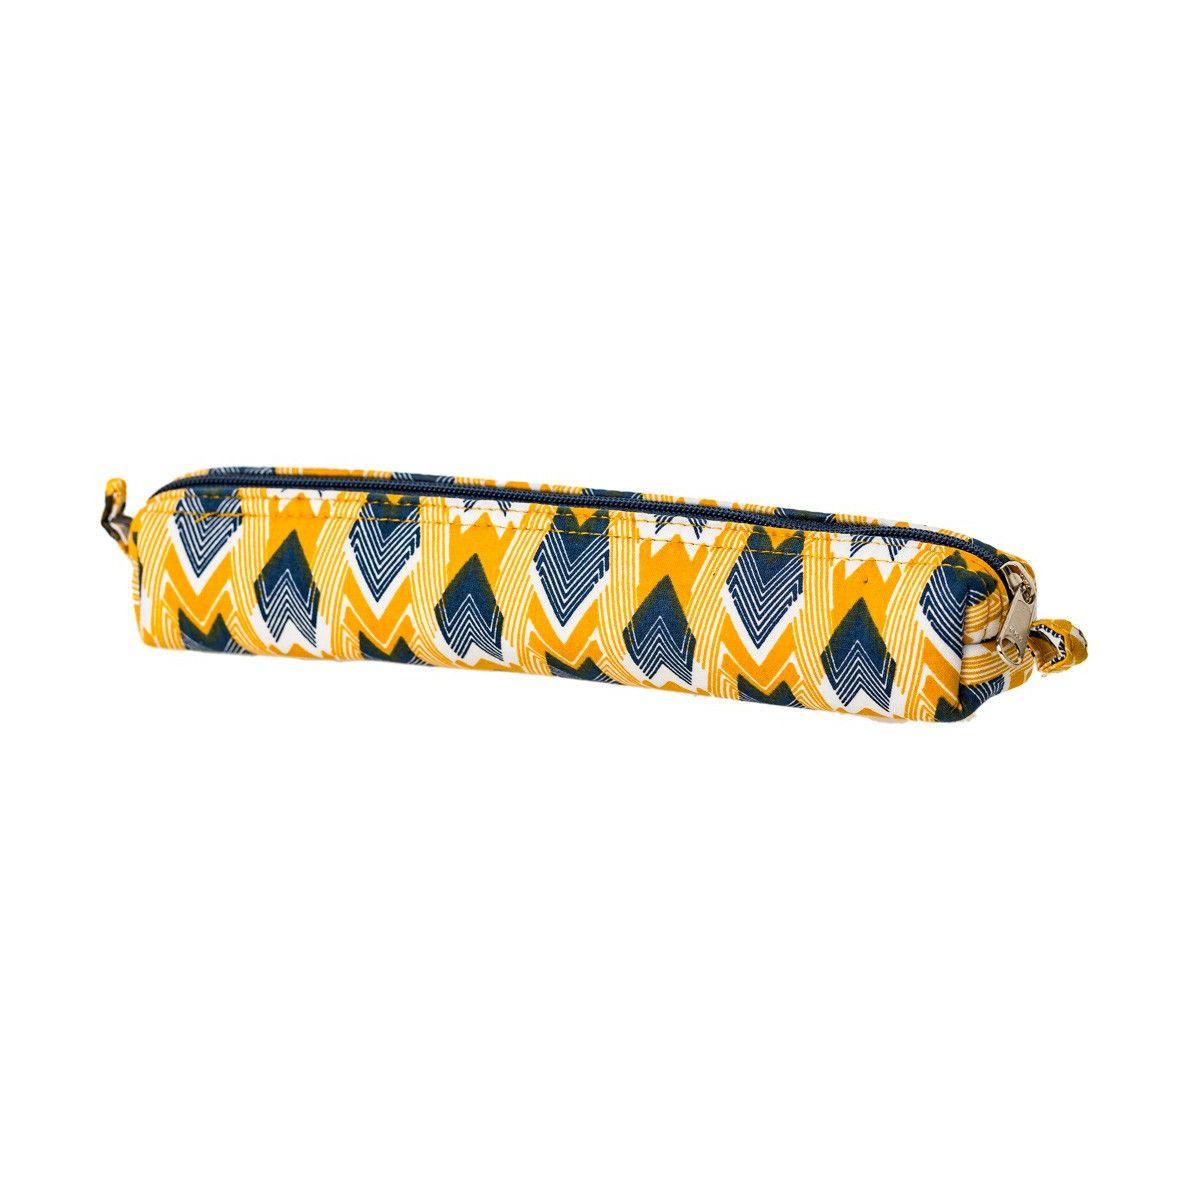 Petite trousse tissu original Panah jaune et bleu